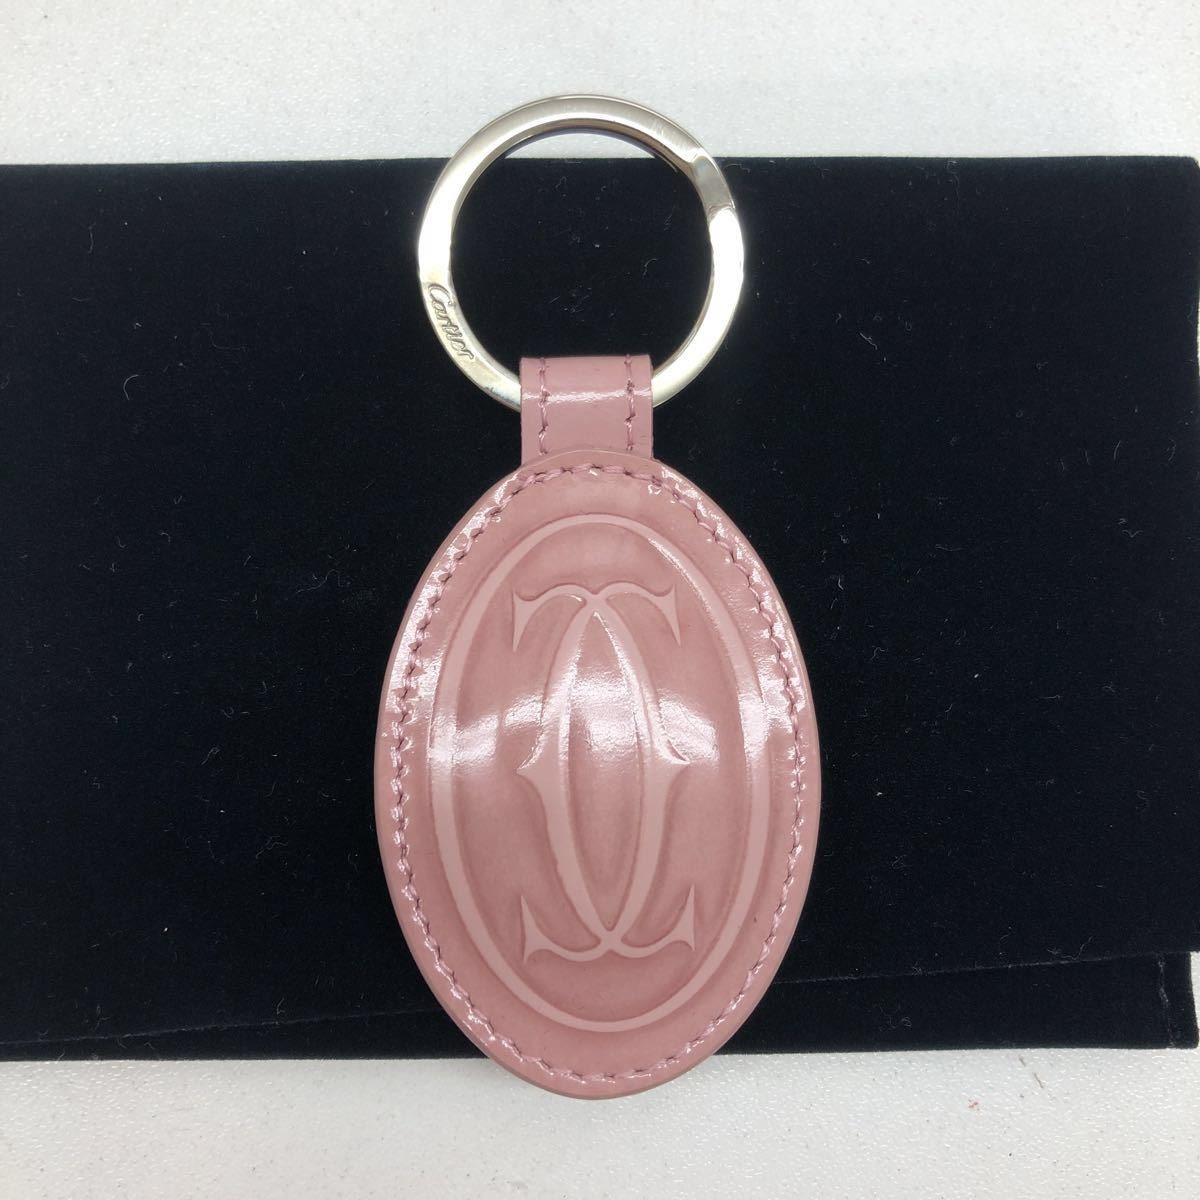 【新品未使用】Cartier カルティエ キーリング ピンク ギャラ 保存袋 冊子 外箱 _画像2